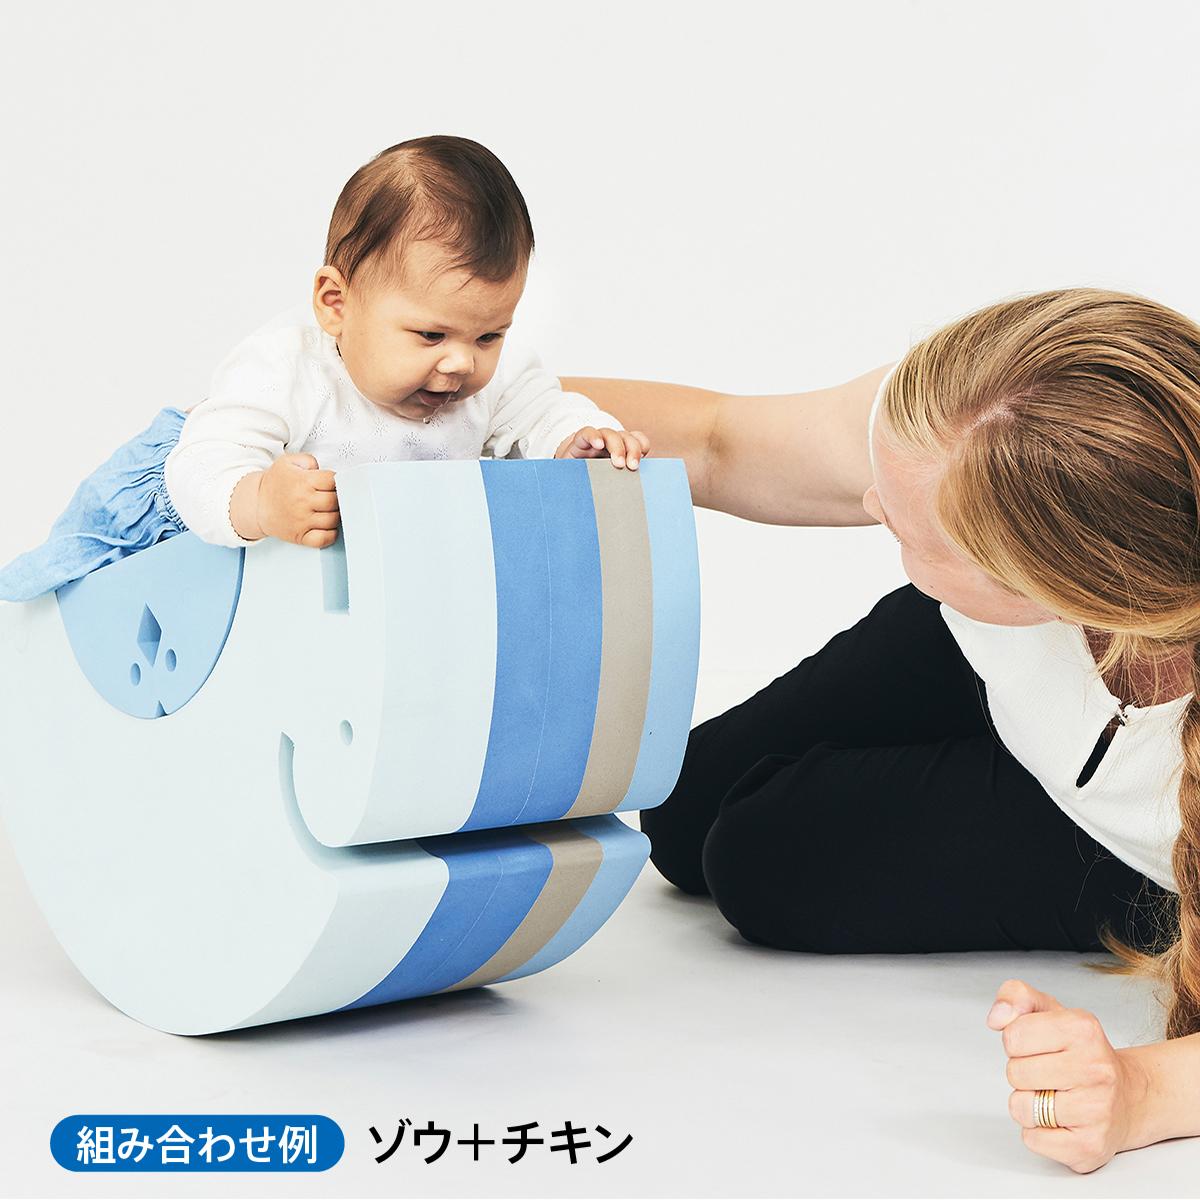 子どもの成長・発達段階とあそび 9ヶ月~12ヶ月